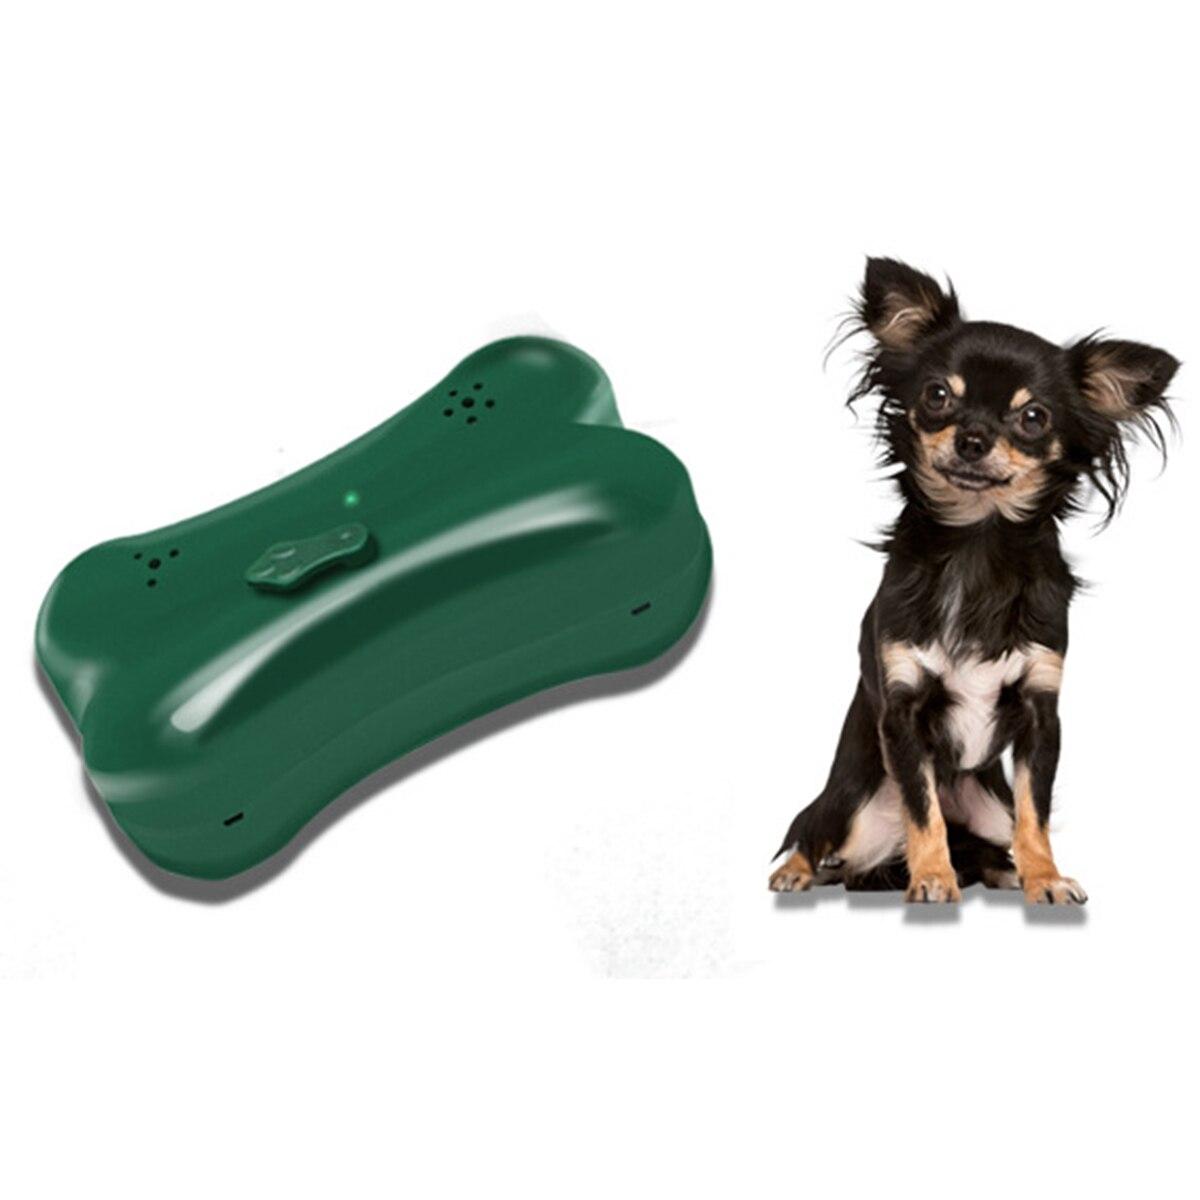 1 piezas ABS Anti ladridos dispositivo detener ladridos de perro de disuasión silenciador humanamente corteza ultrasonidos máquina de Control